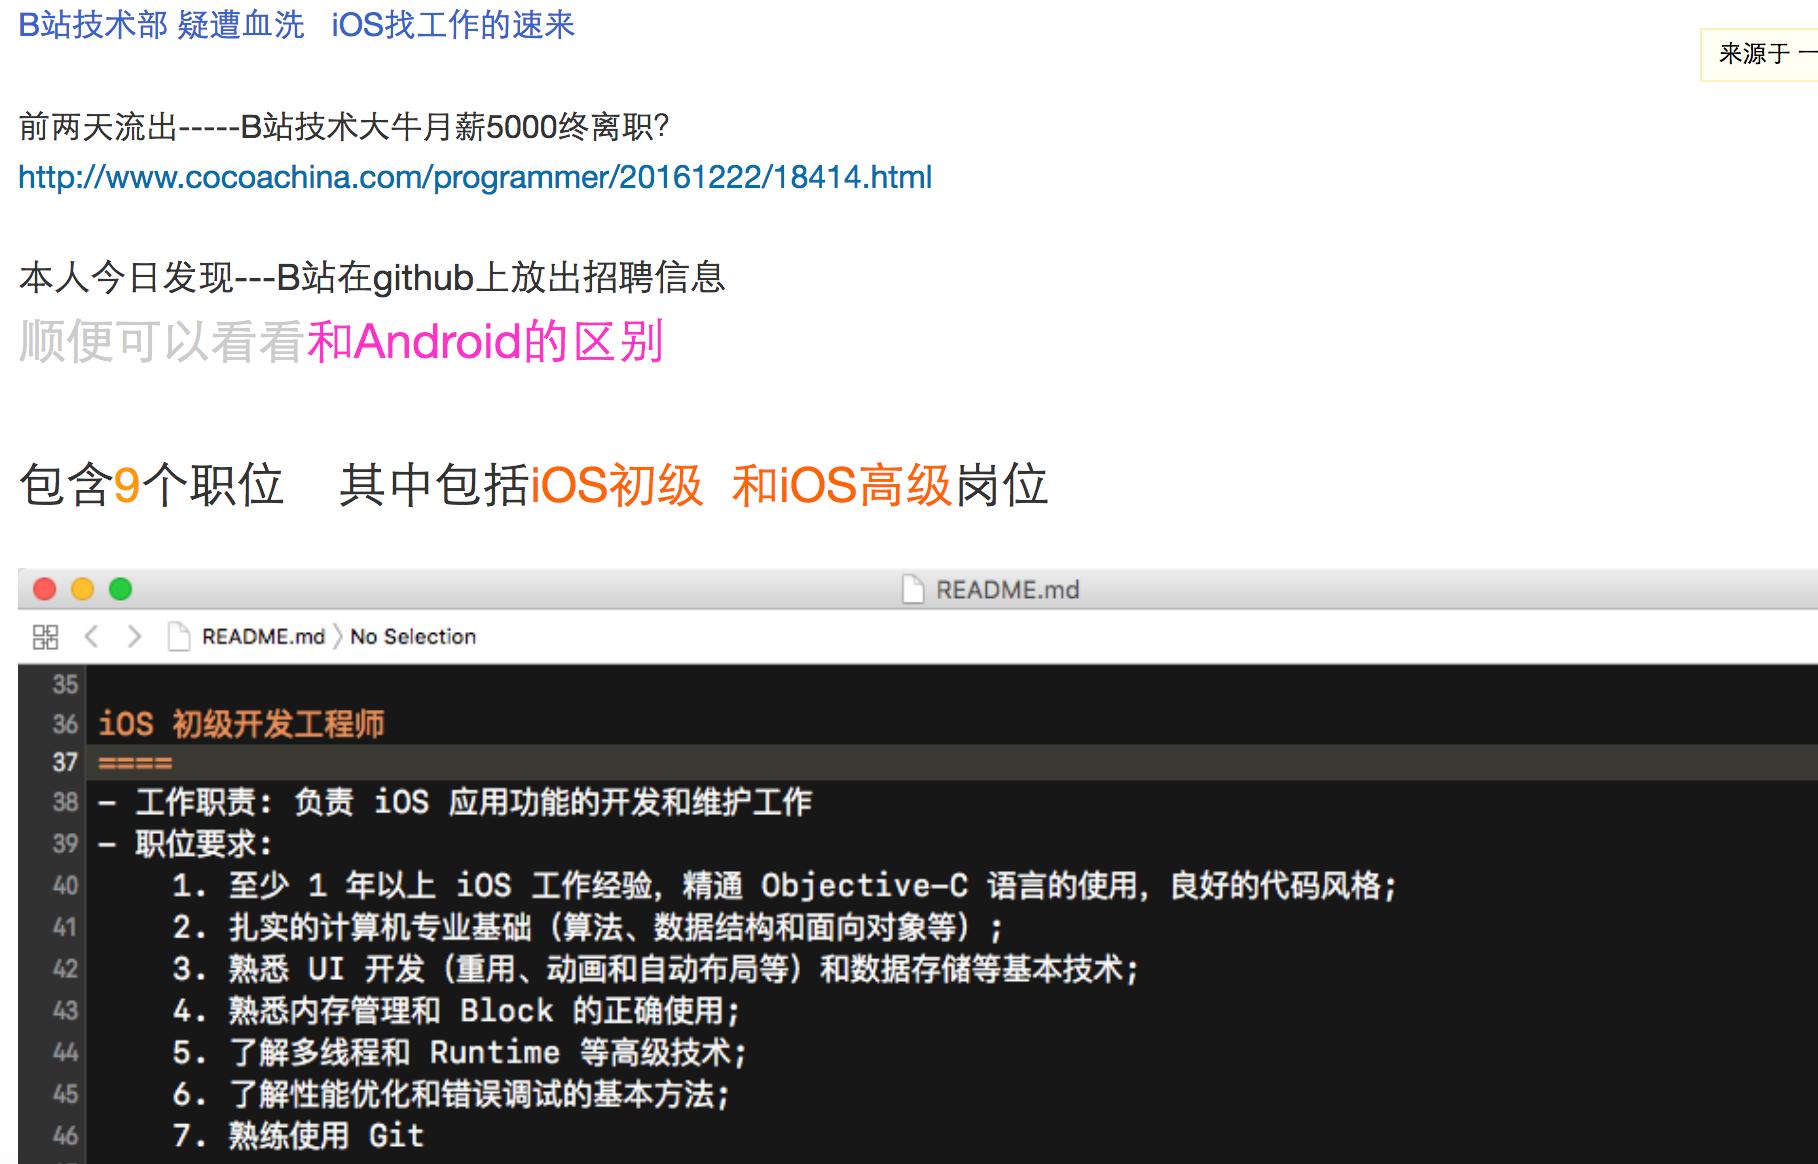 """大量B站视频被""""搬用"""",360又摊上事了?        翻译失败"""